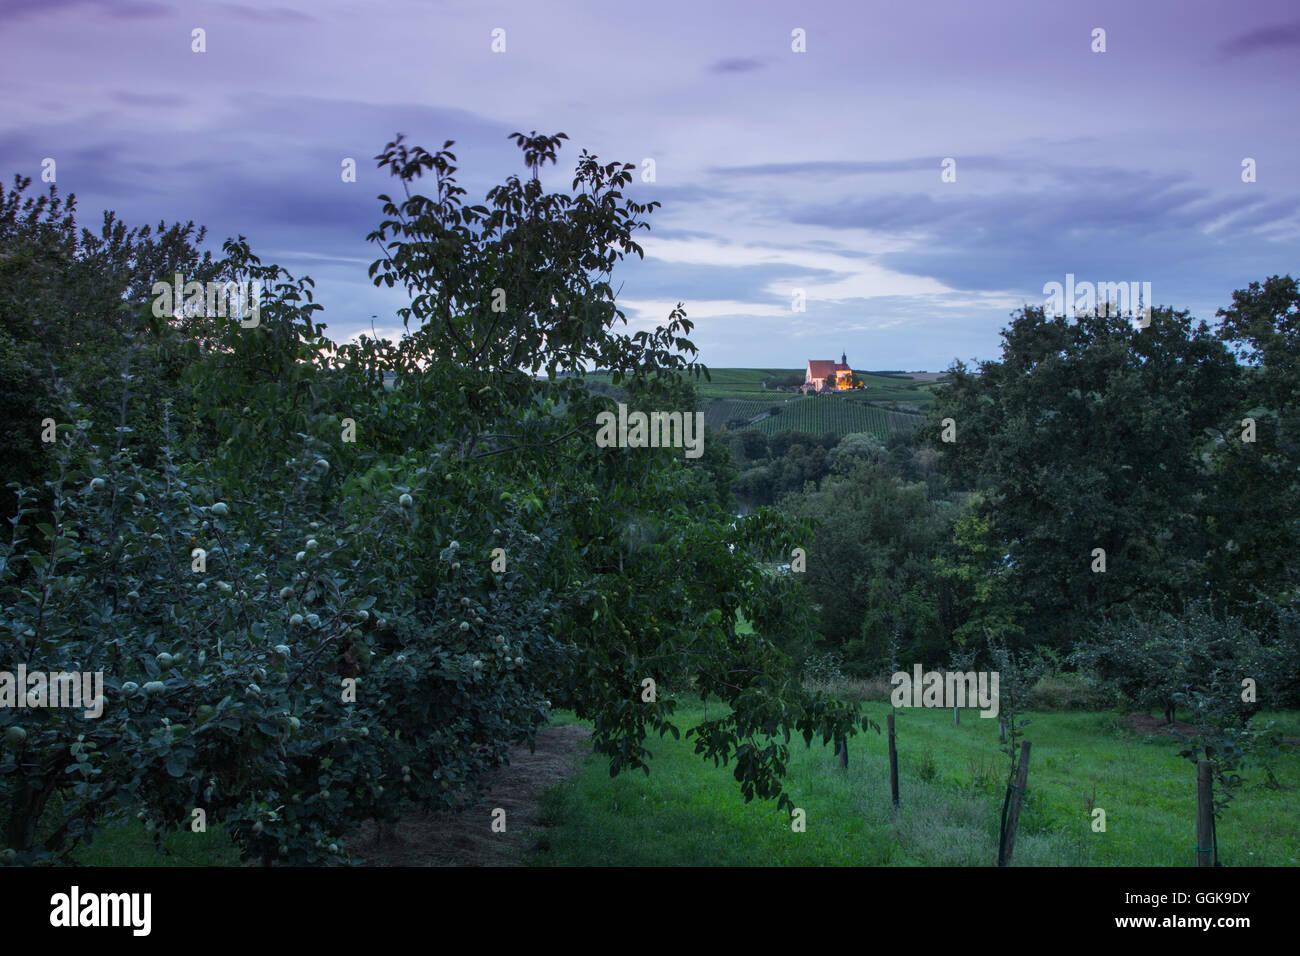 Quitte und Frucht Baum Obstgarten mit Maria Im Weingarten Wallfahrtskirche in der Ferne in der Abenddämmerung, Stockbild